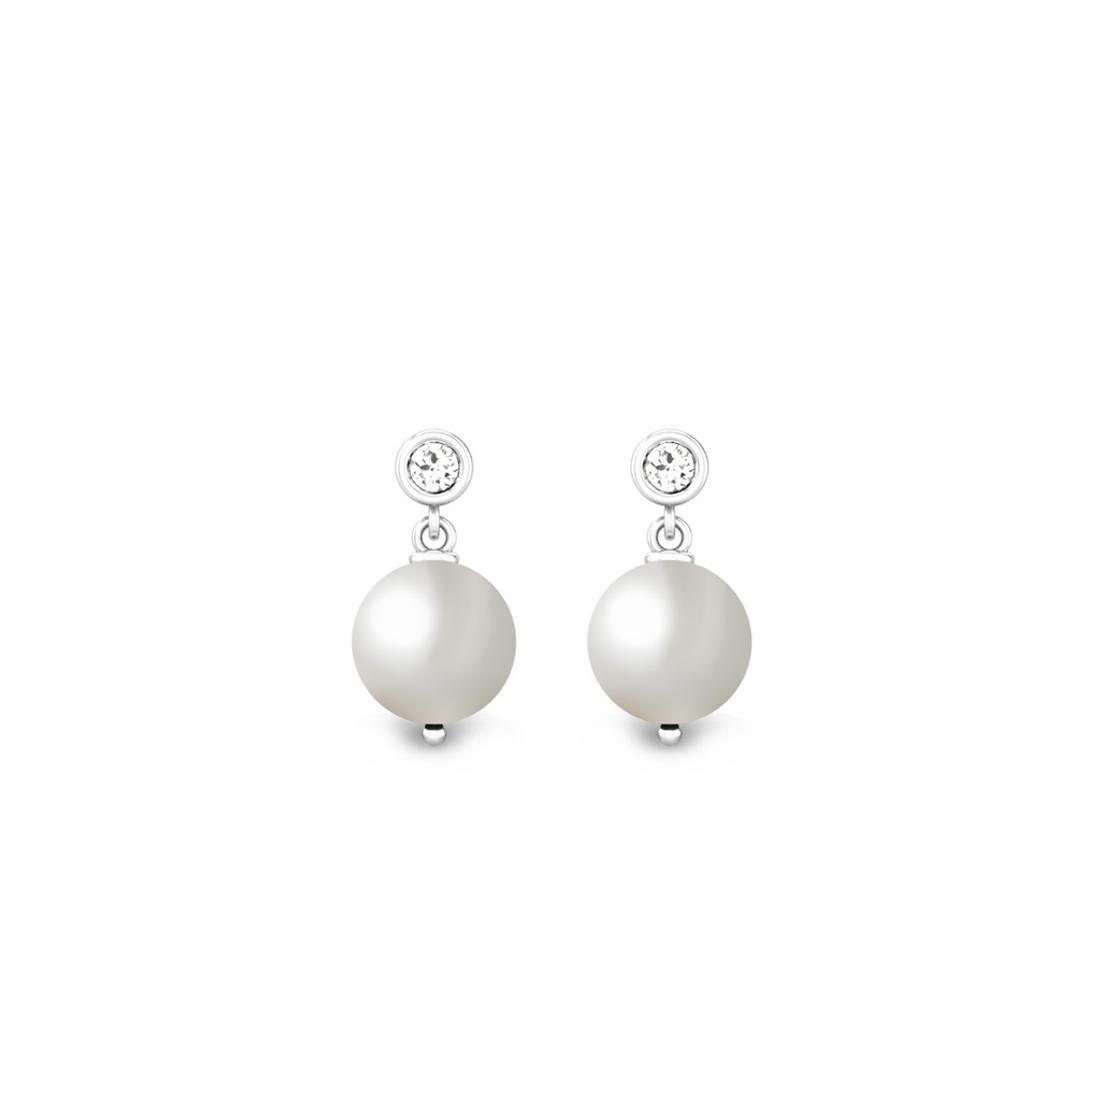 Jewel samarth 925 Sterling Silver EarringJ000069W